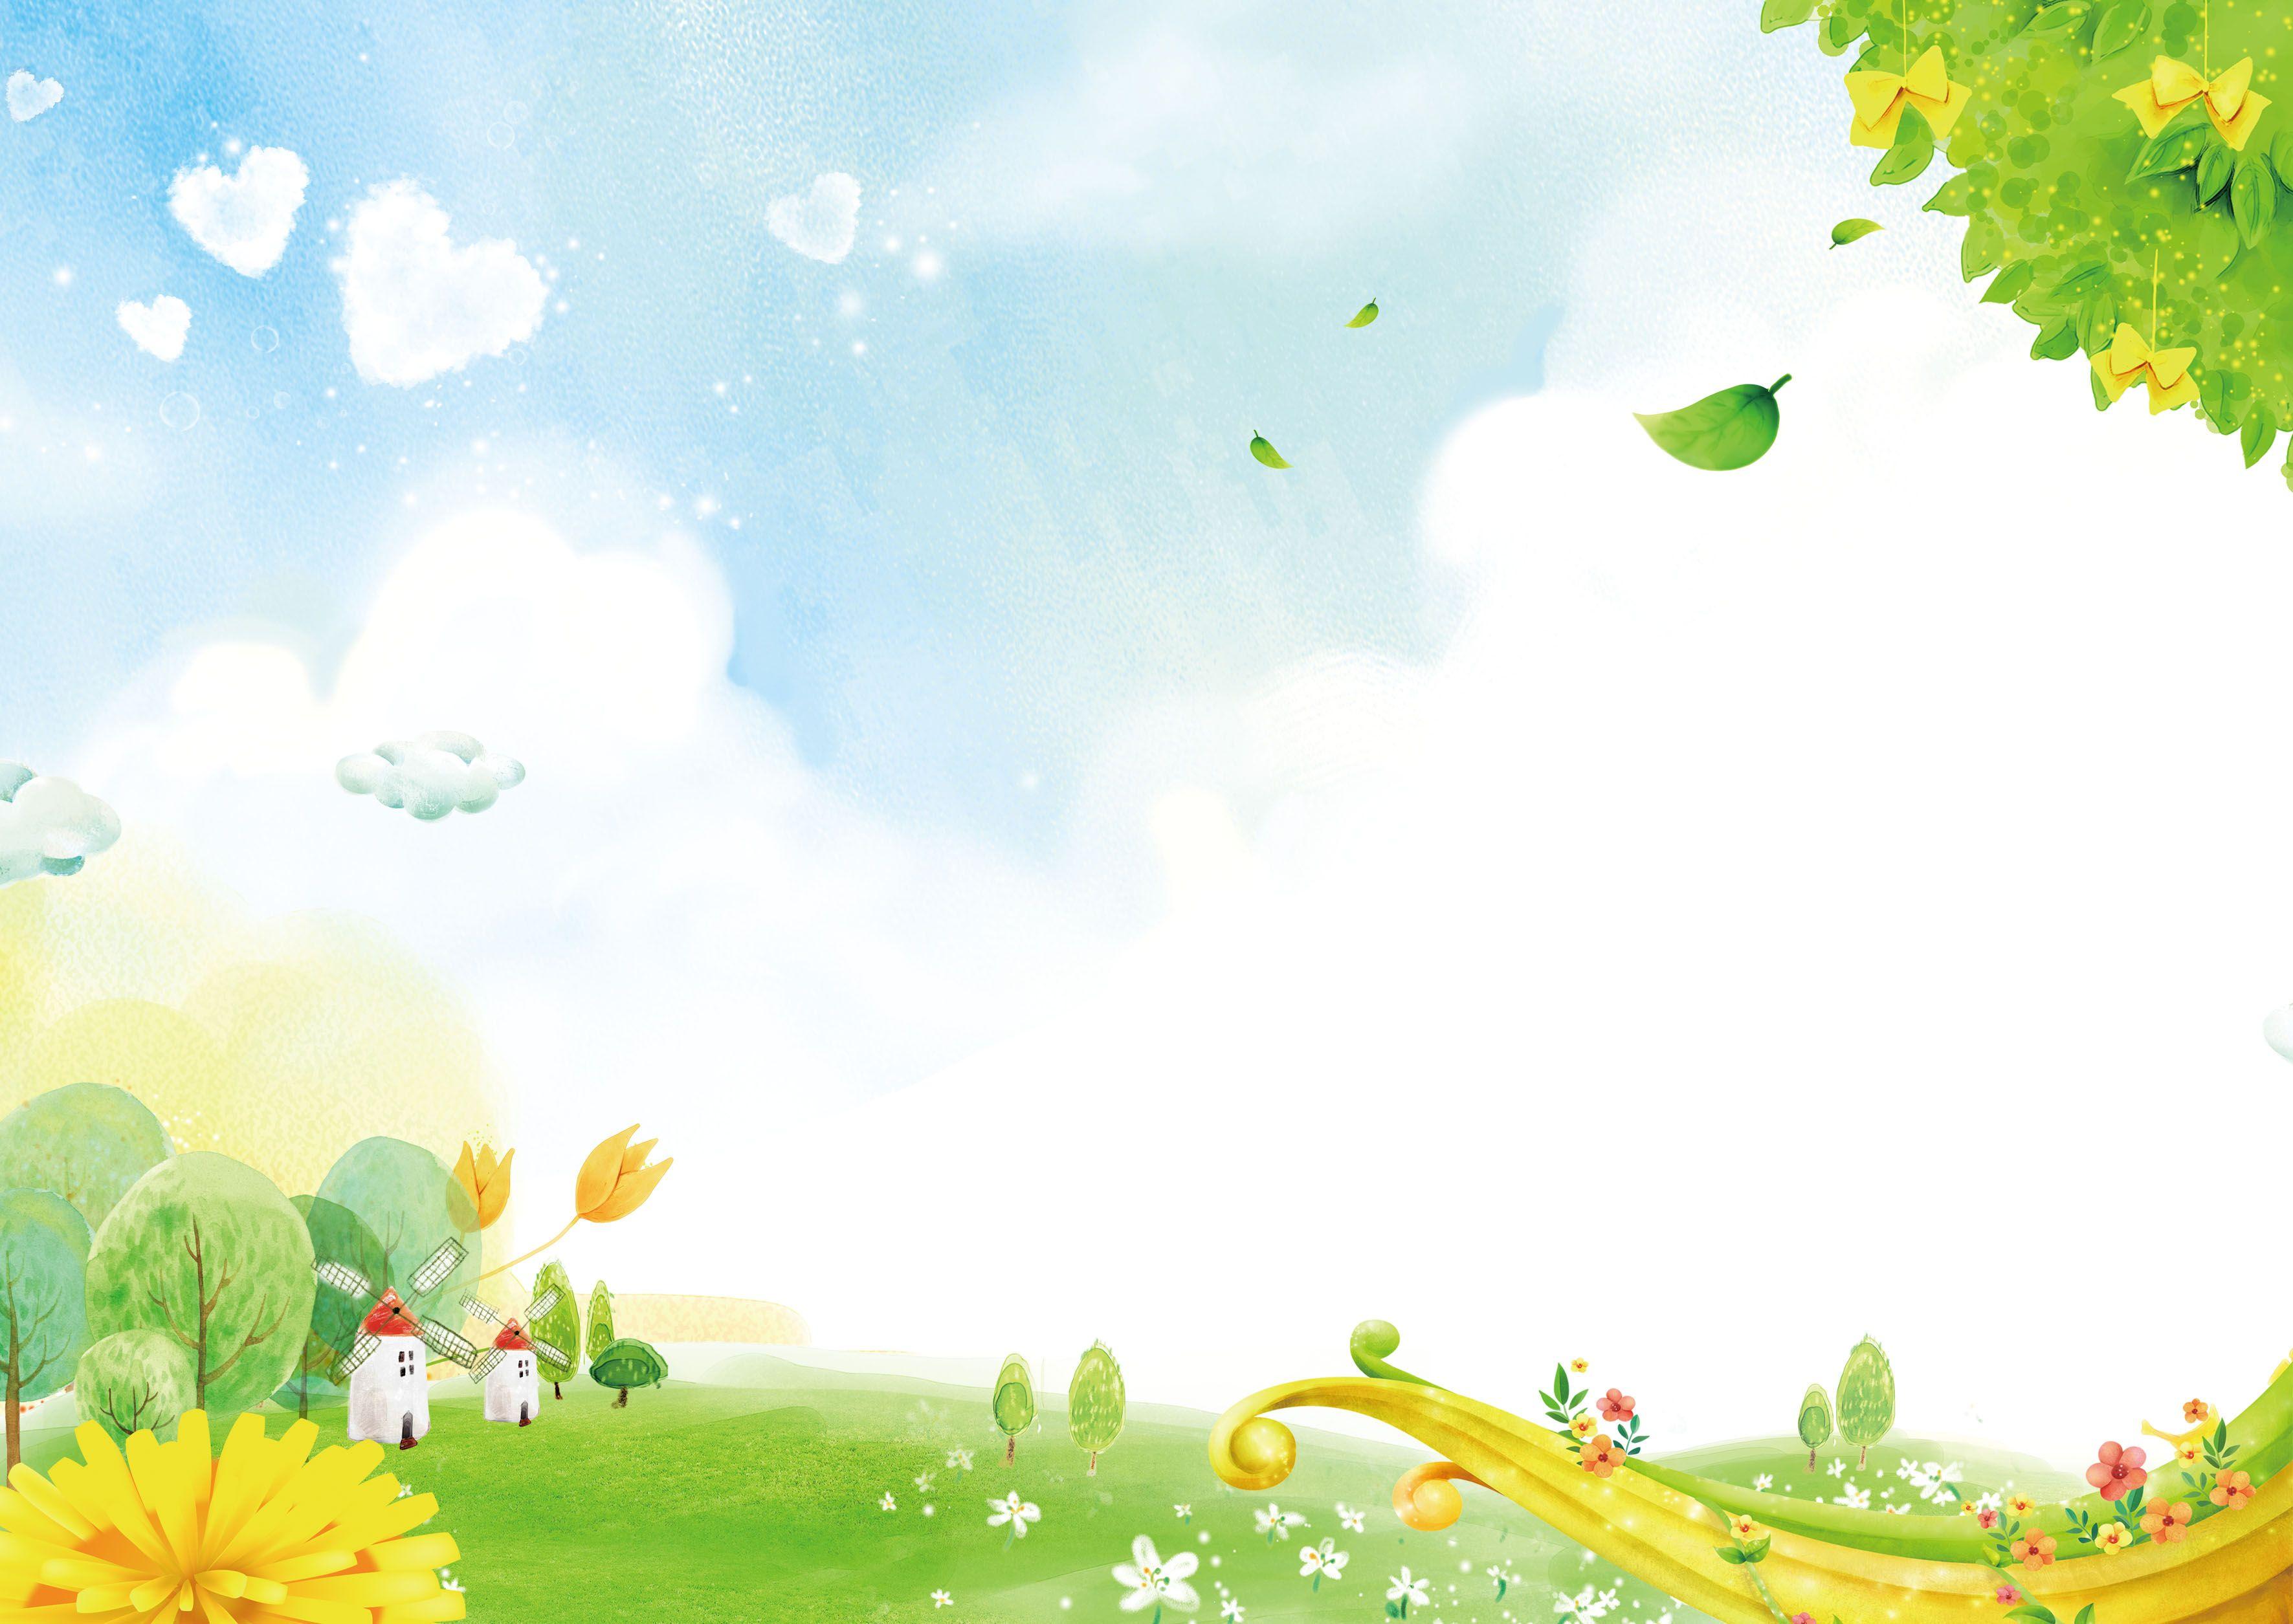 العشب الأخضر الطازج يترك خلفية الكرتون Cartoon